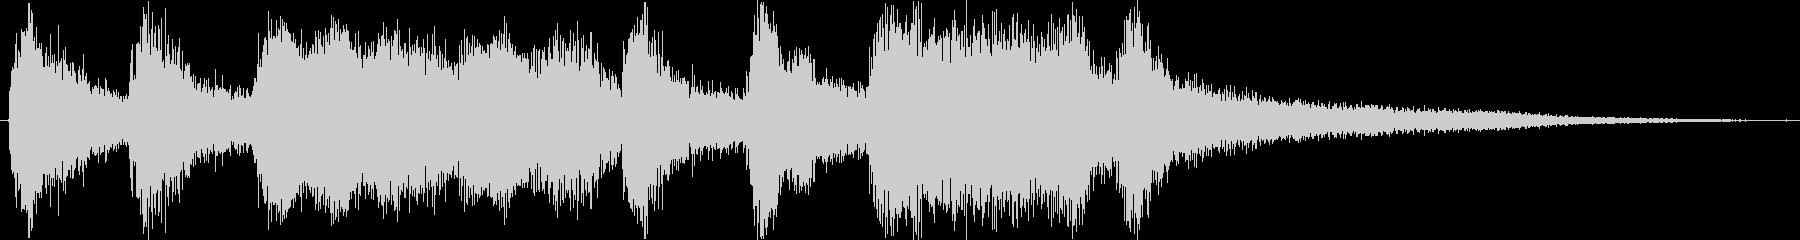 クラシックなイベント達成音ジングル2の未再生の波形